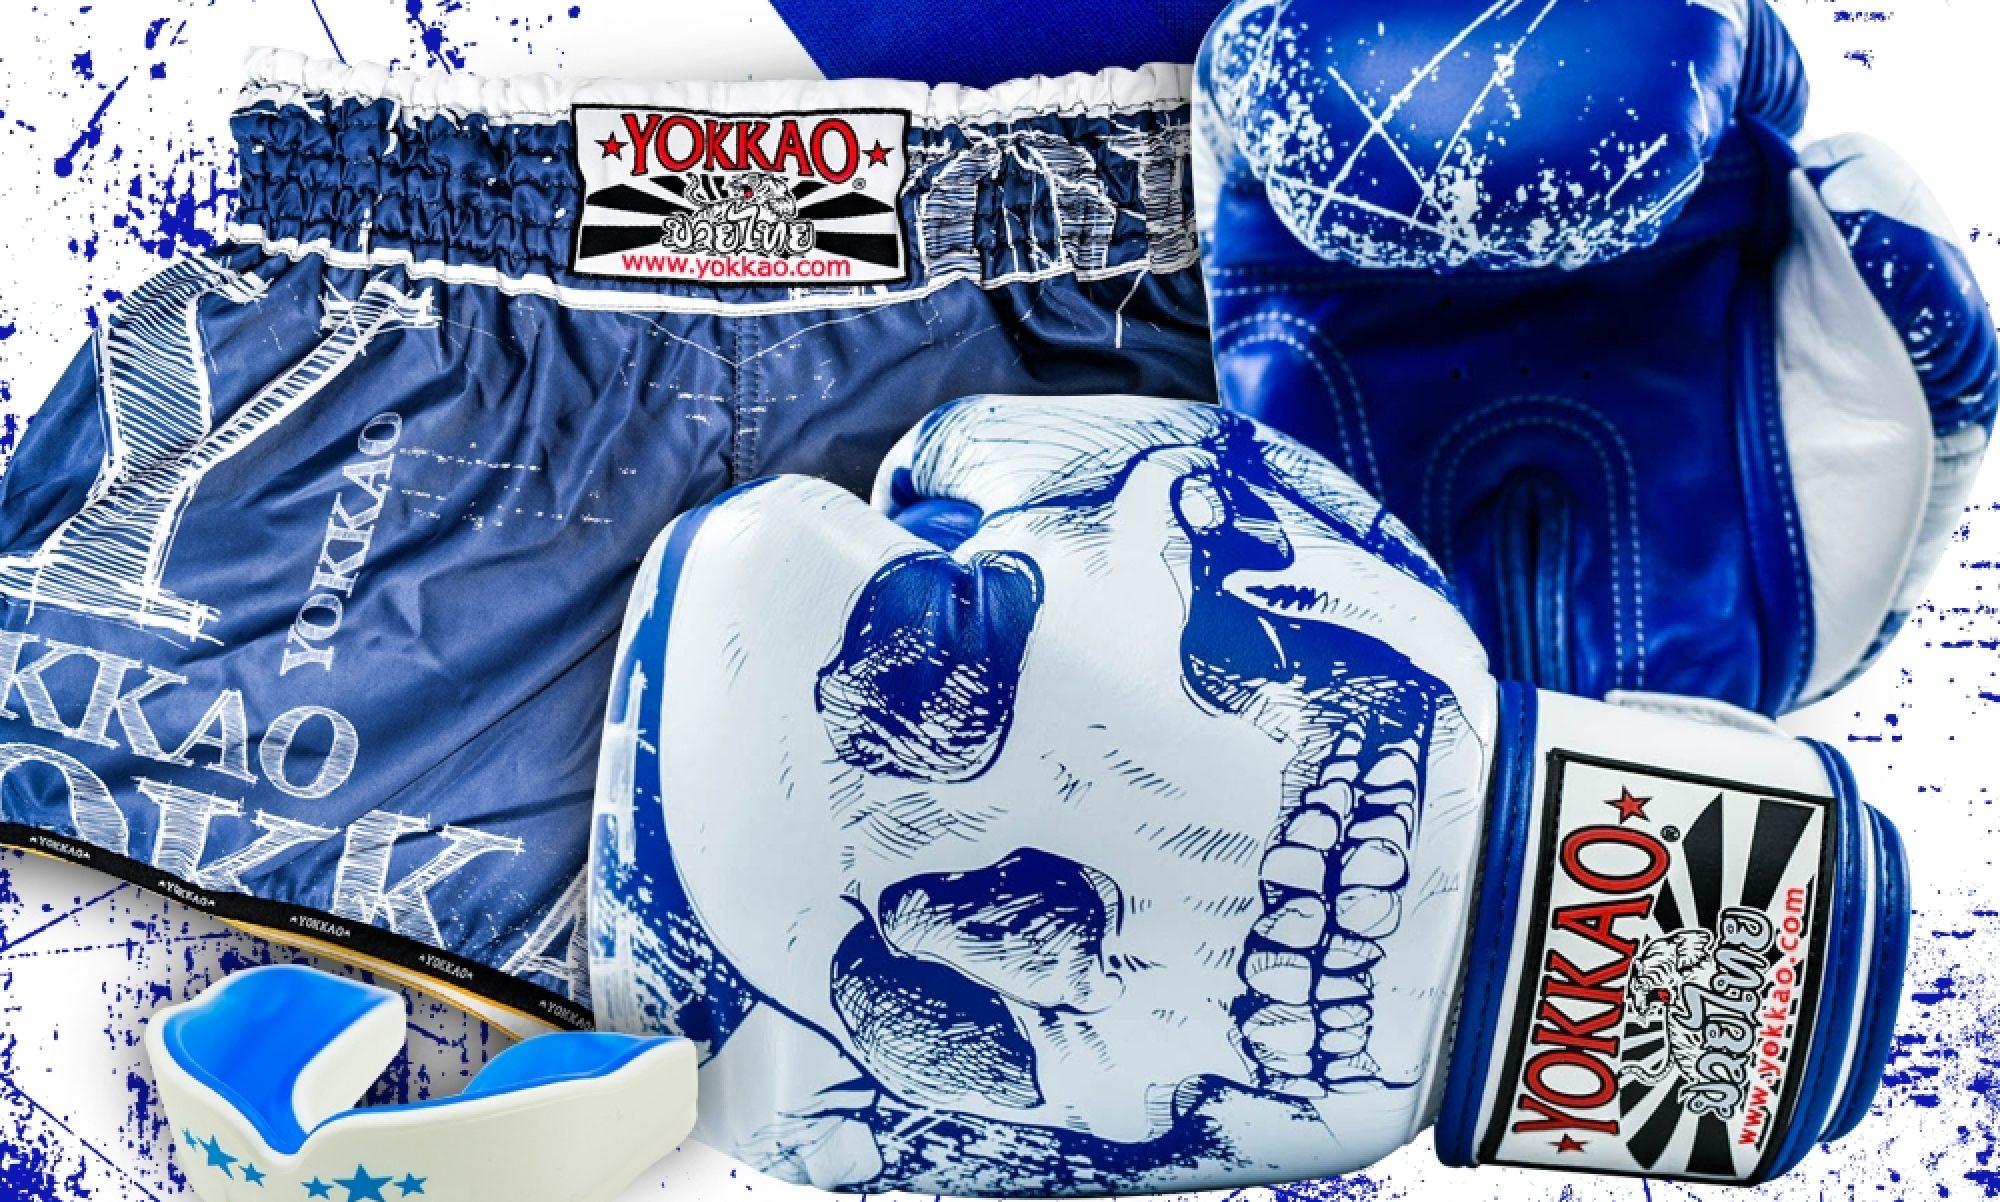 Muaythai Felszerelés  | Yokkao webshop   |    © Muay Thai Hungary Kft.  |  +36-30-512-55-96